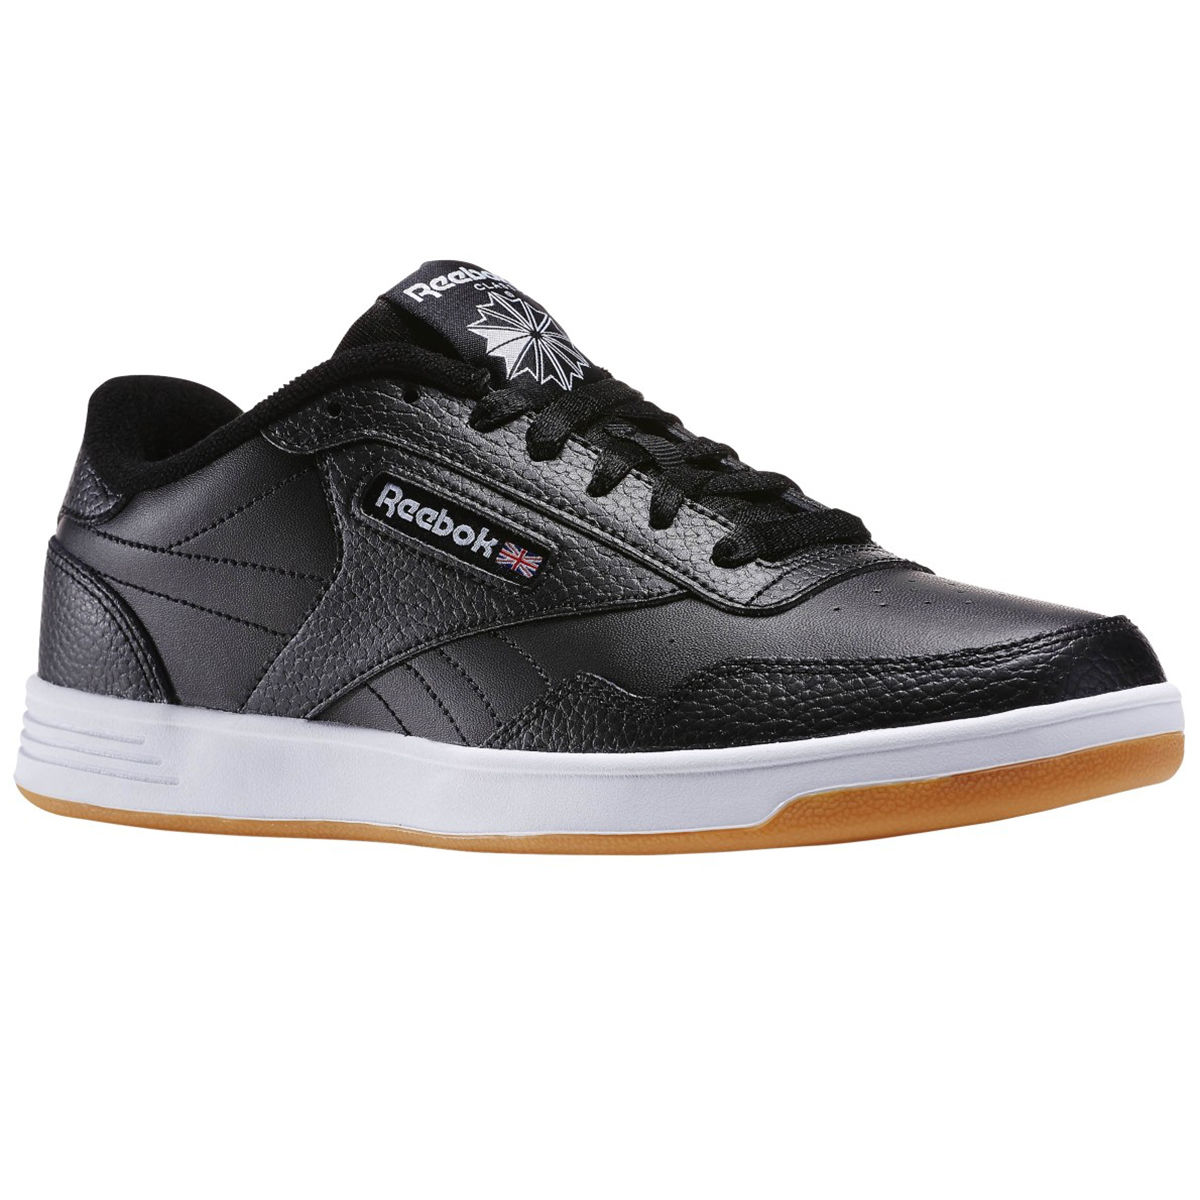 Reebok Men's Club Memt Gum Sole Sneakers - Black, 10